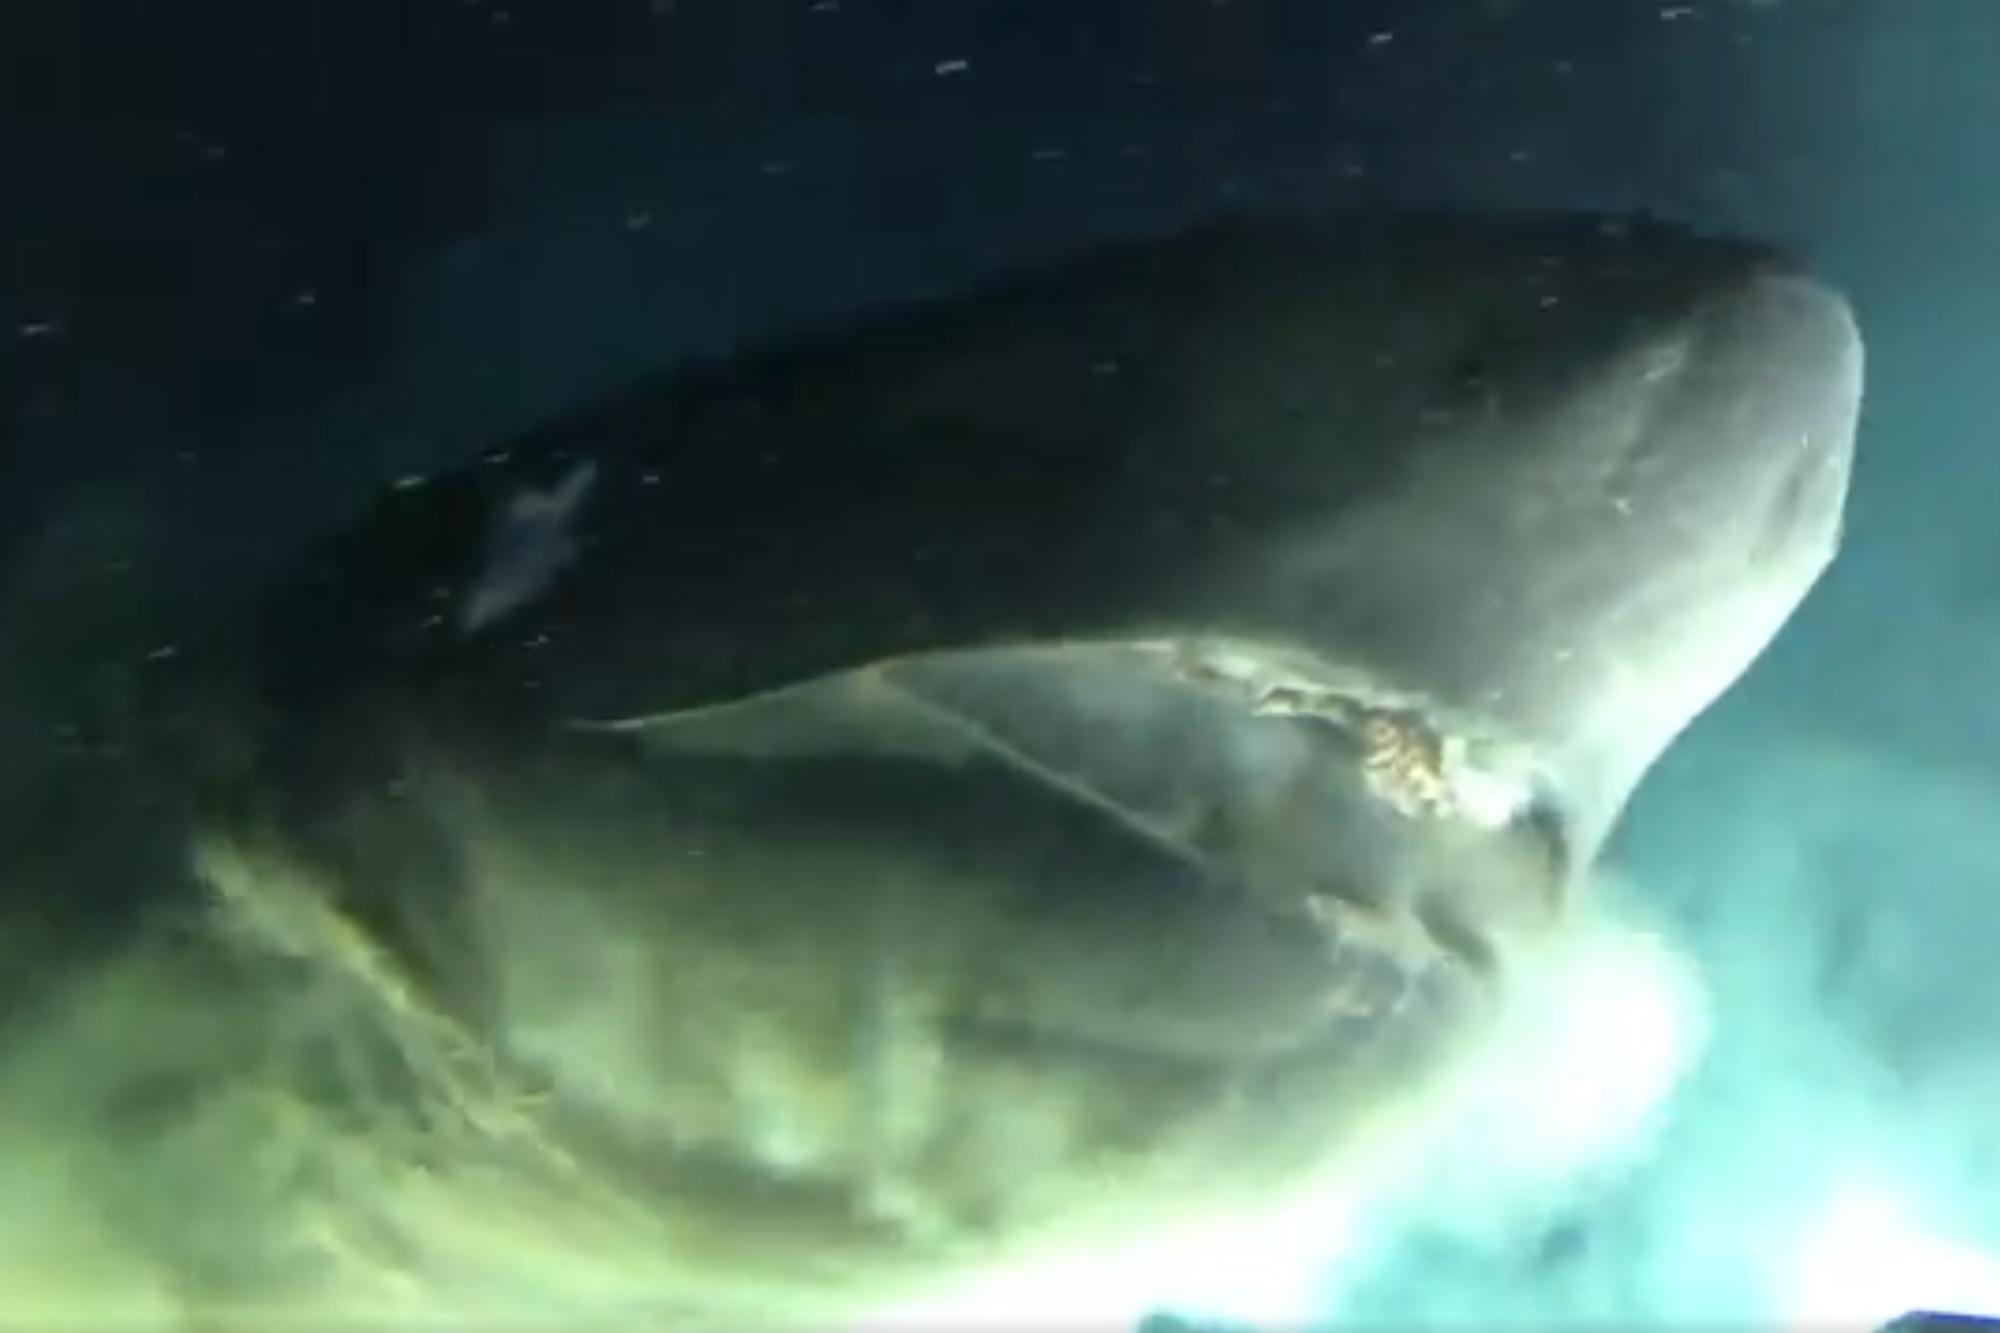 Vidéo - Des Chercheurs Ont Tracé Un Mystérieux Requin À avec Requin Jeux Video